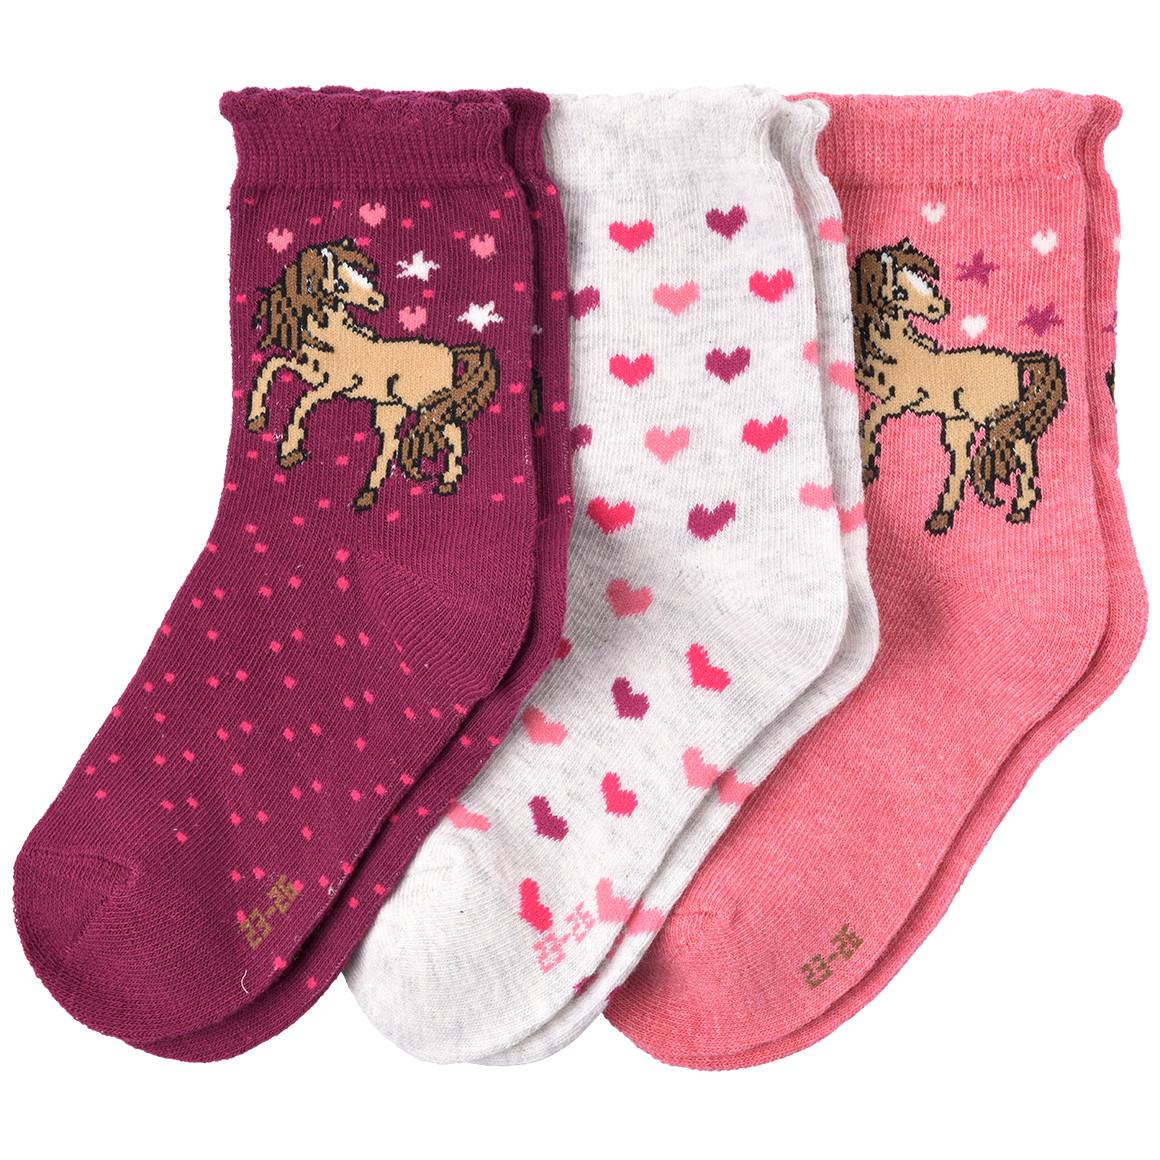 Minigirlaccessoires - 3 Paar Mädchen Socken mit Pferde Motiv - Onlineshop Ernstings family